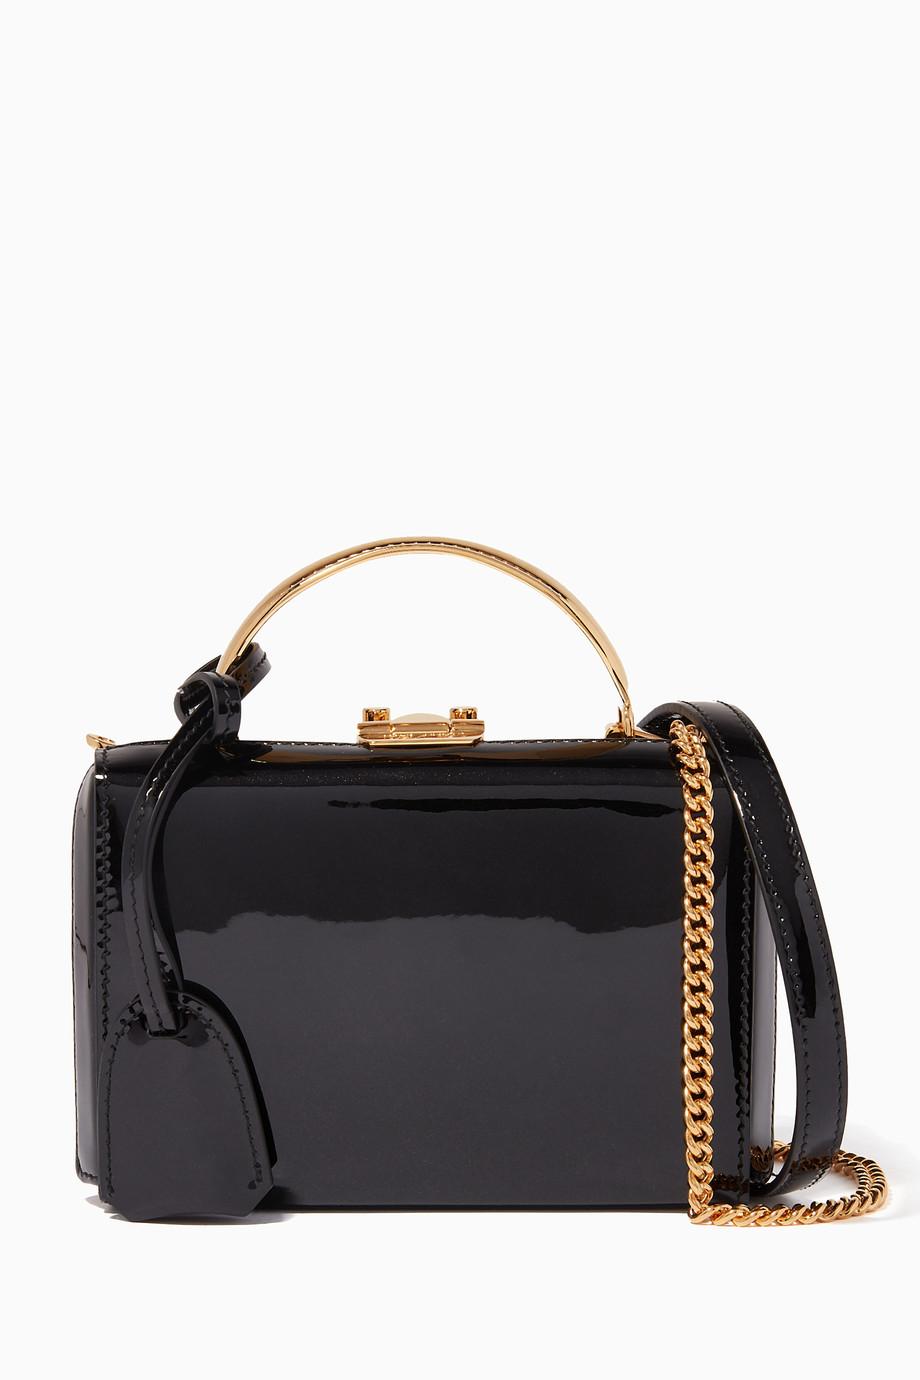 4d0c383b6500 Shop Mark Cross Black Black Mini Patent Stardust Grace Box Bag for ...